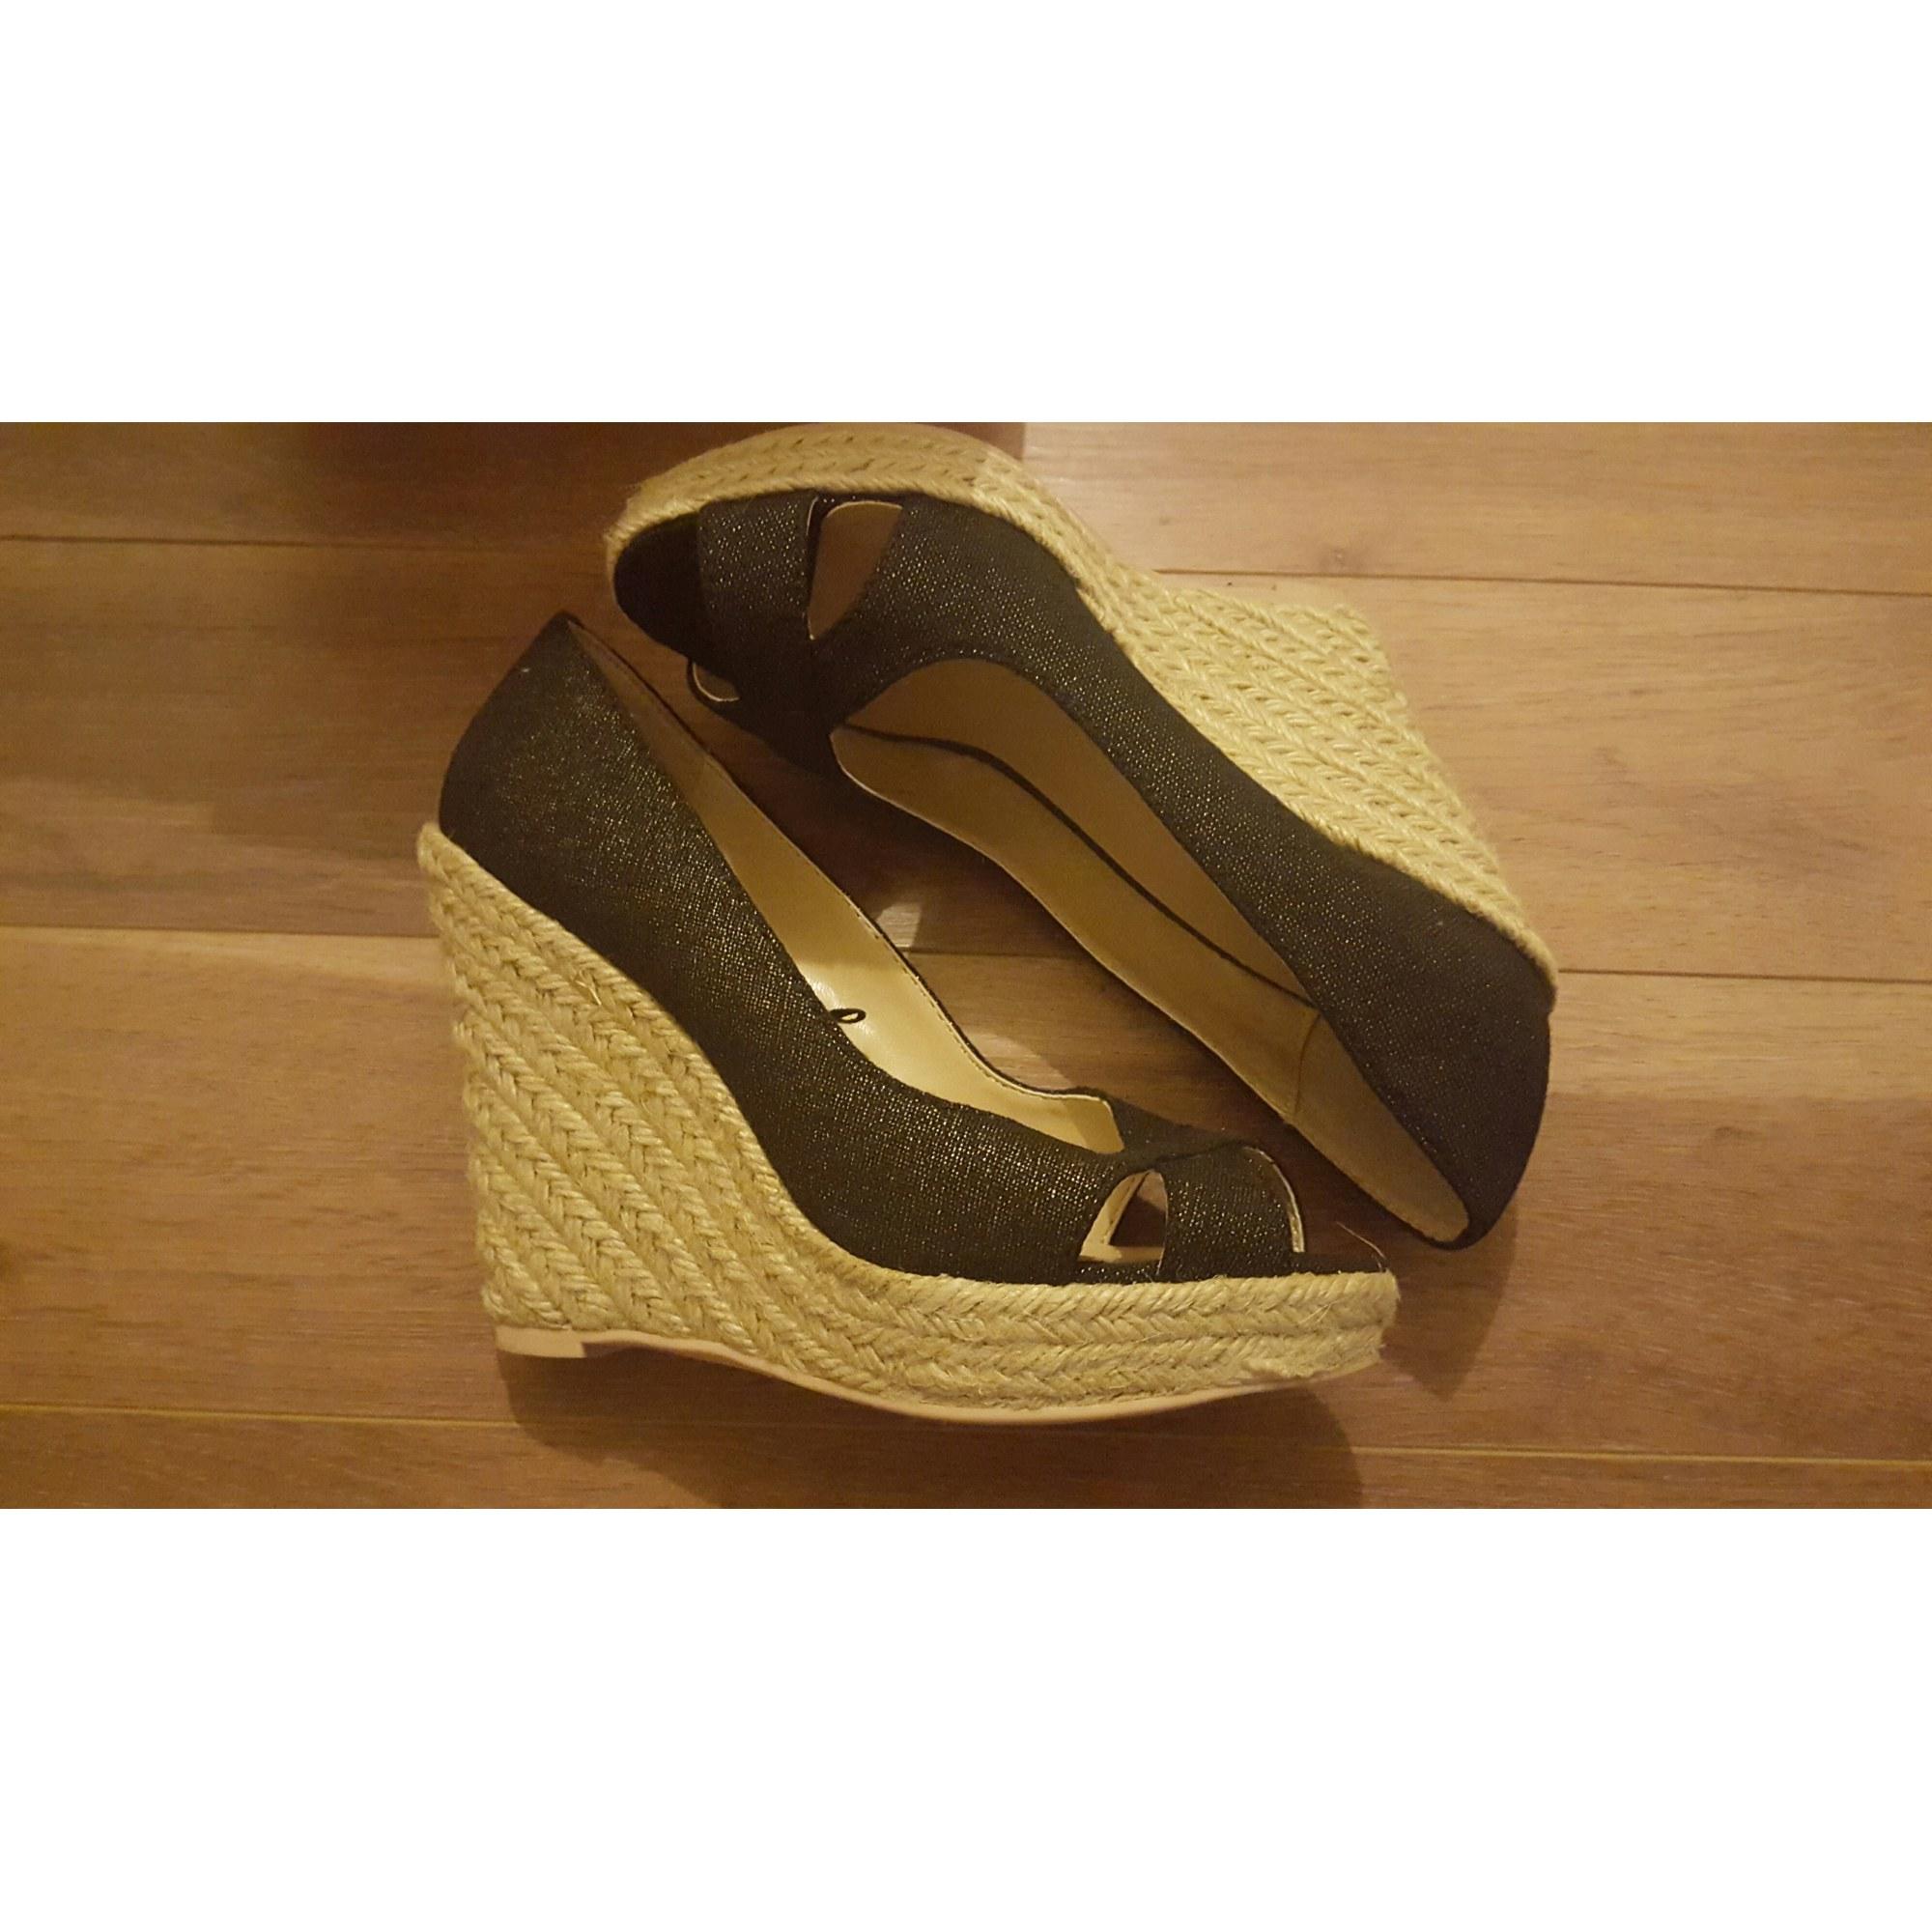 4682988 Mango N8pk0wo Sandales Noir 38 Compensées E2d9ih Rj5A4L